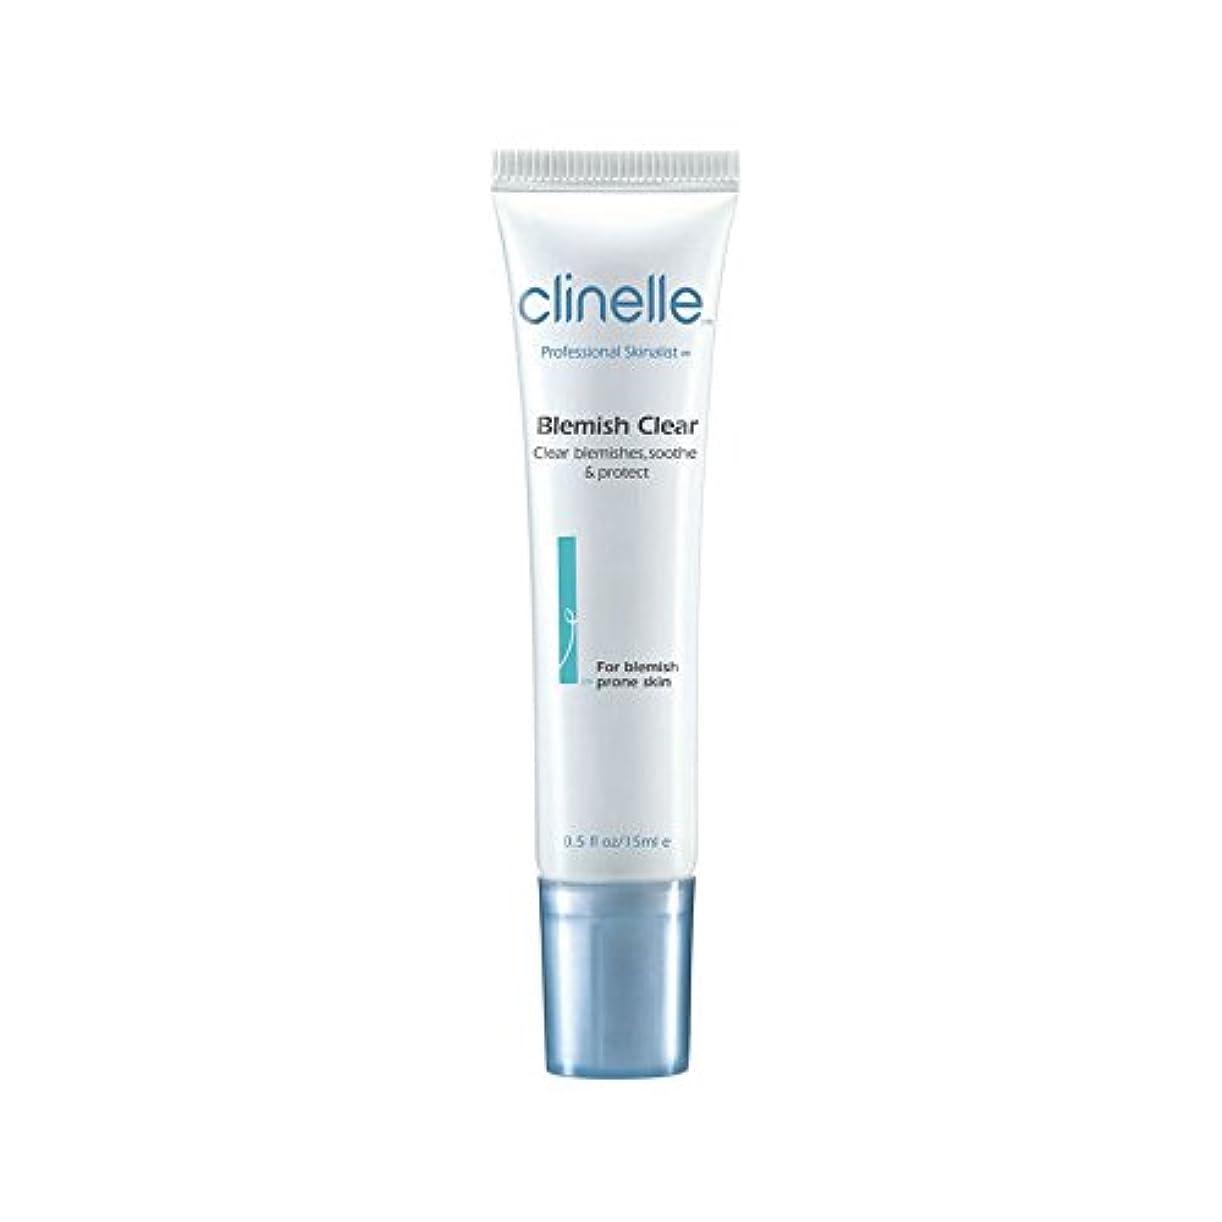 CLINELLE 15ミリリットル中メートル明確な傷や欠陥を起こしやすい肌の修復と治療